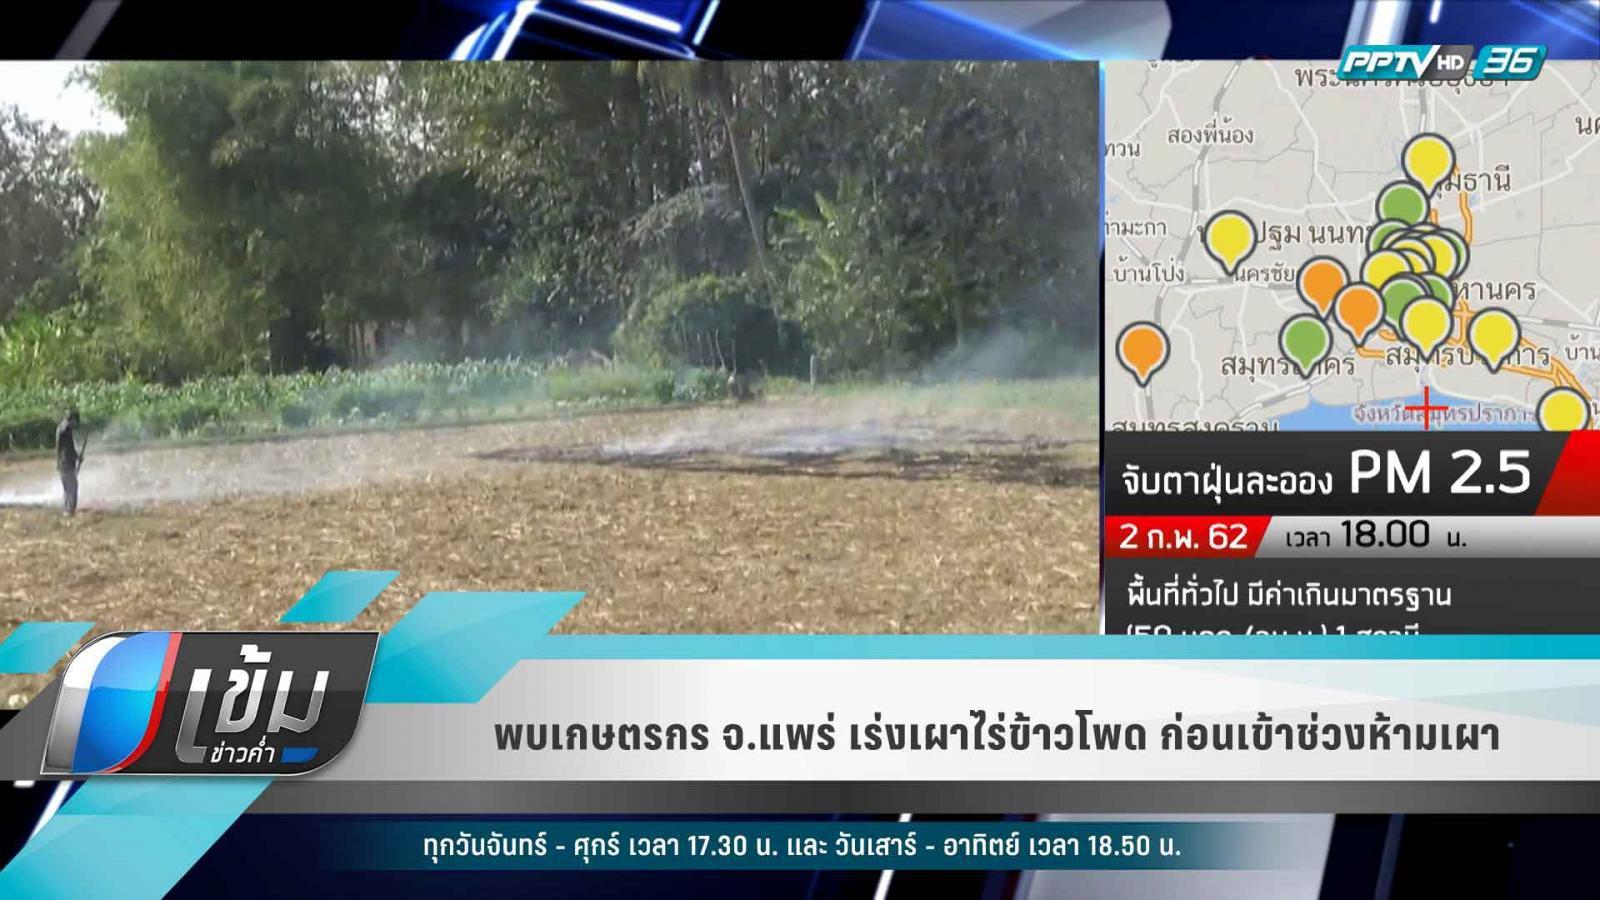 ควันฟุ้ง! เกษตรกรแพร่ เร่งเผาไร่ข้าวโพด ก่อนเข้าช่วงห้ามเผา อ้างไถกลบต้นทุนสูง